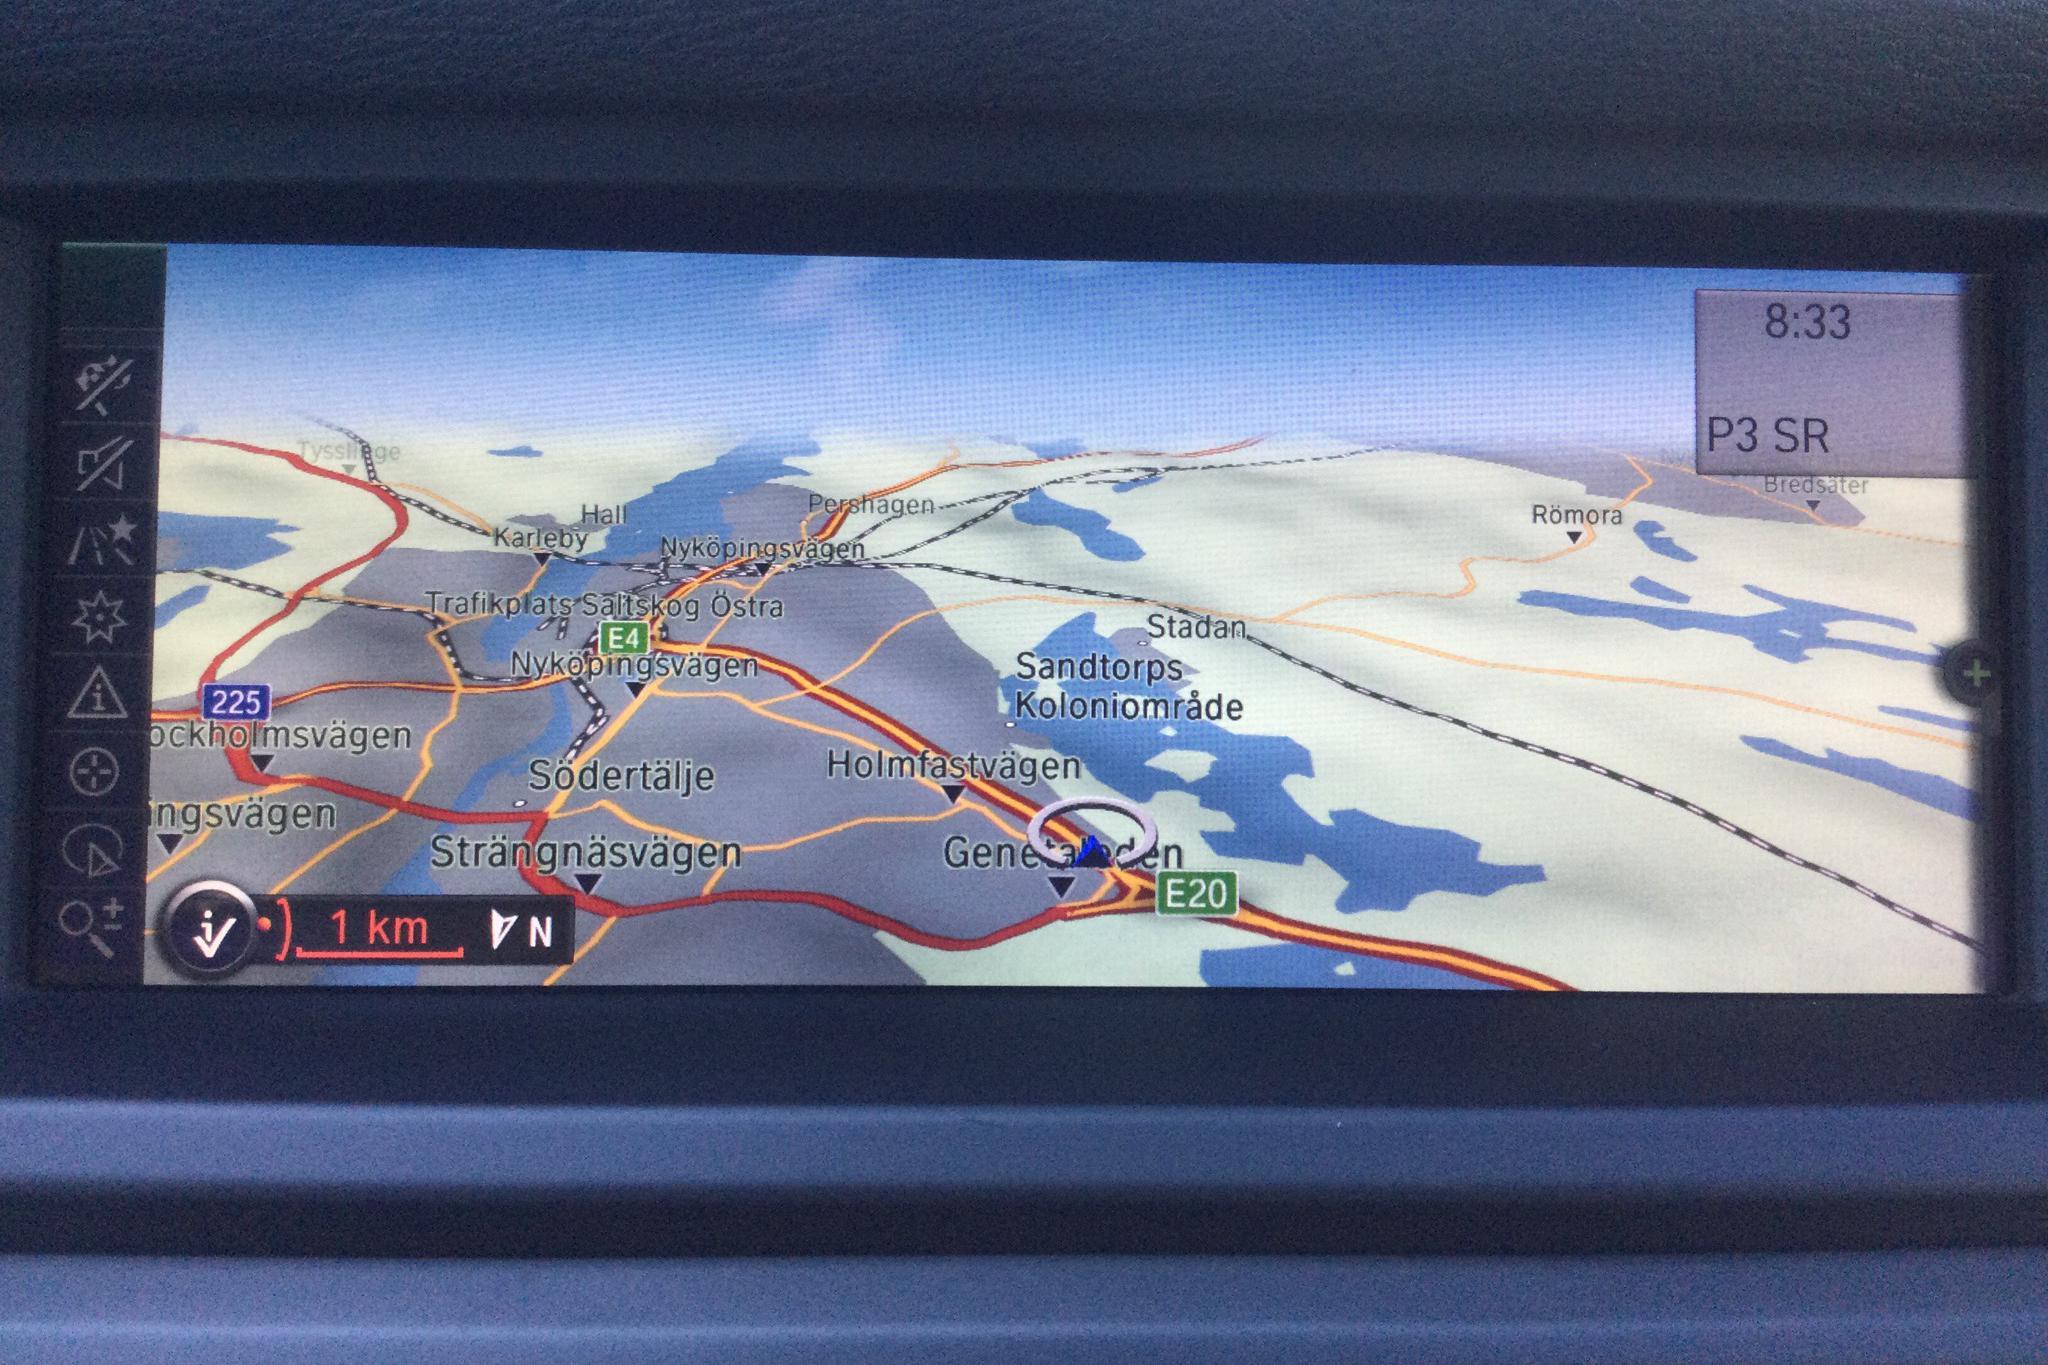 BMW X5 xDrive40d, E70 (306hk) - 158 720 km - Automatic - Light Grey - 2011